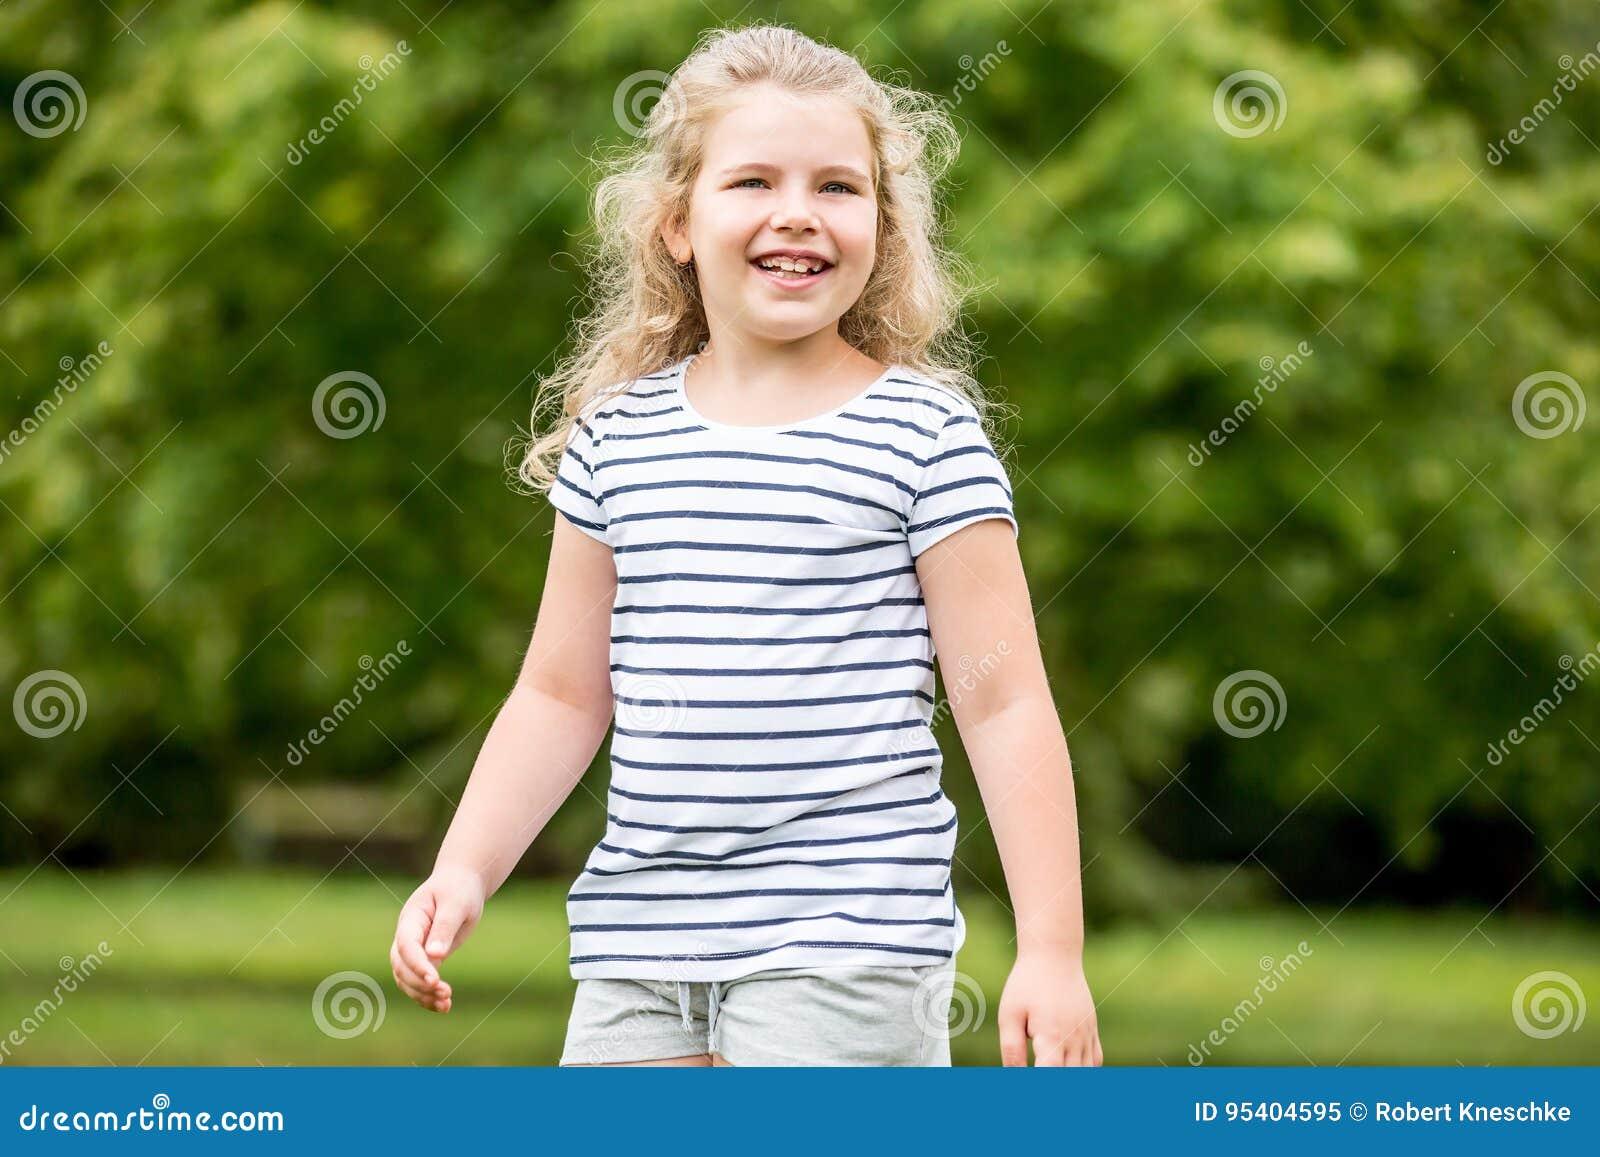 Gelukkig blond kind in de zomer